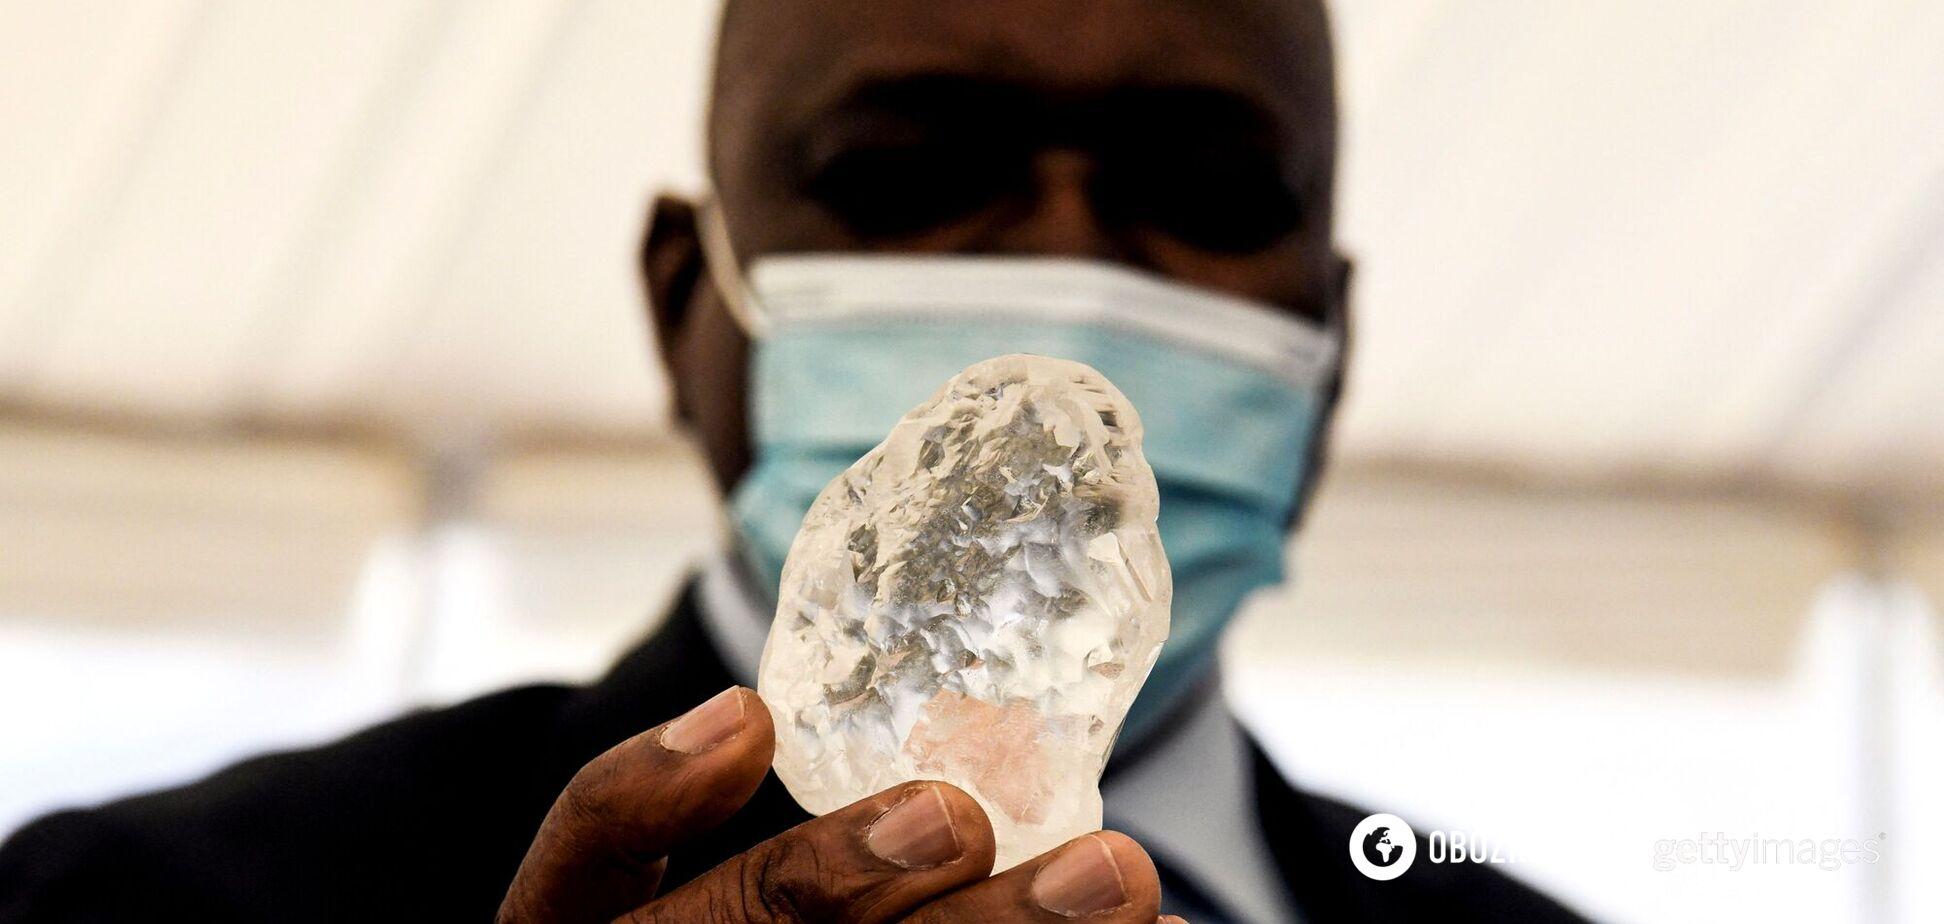 У Південній Африці знайшли алмаз розміром із куряче яйце. Фото